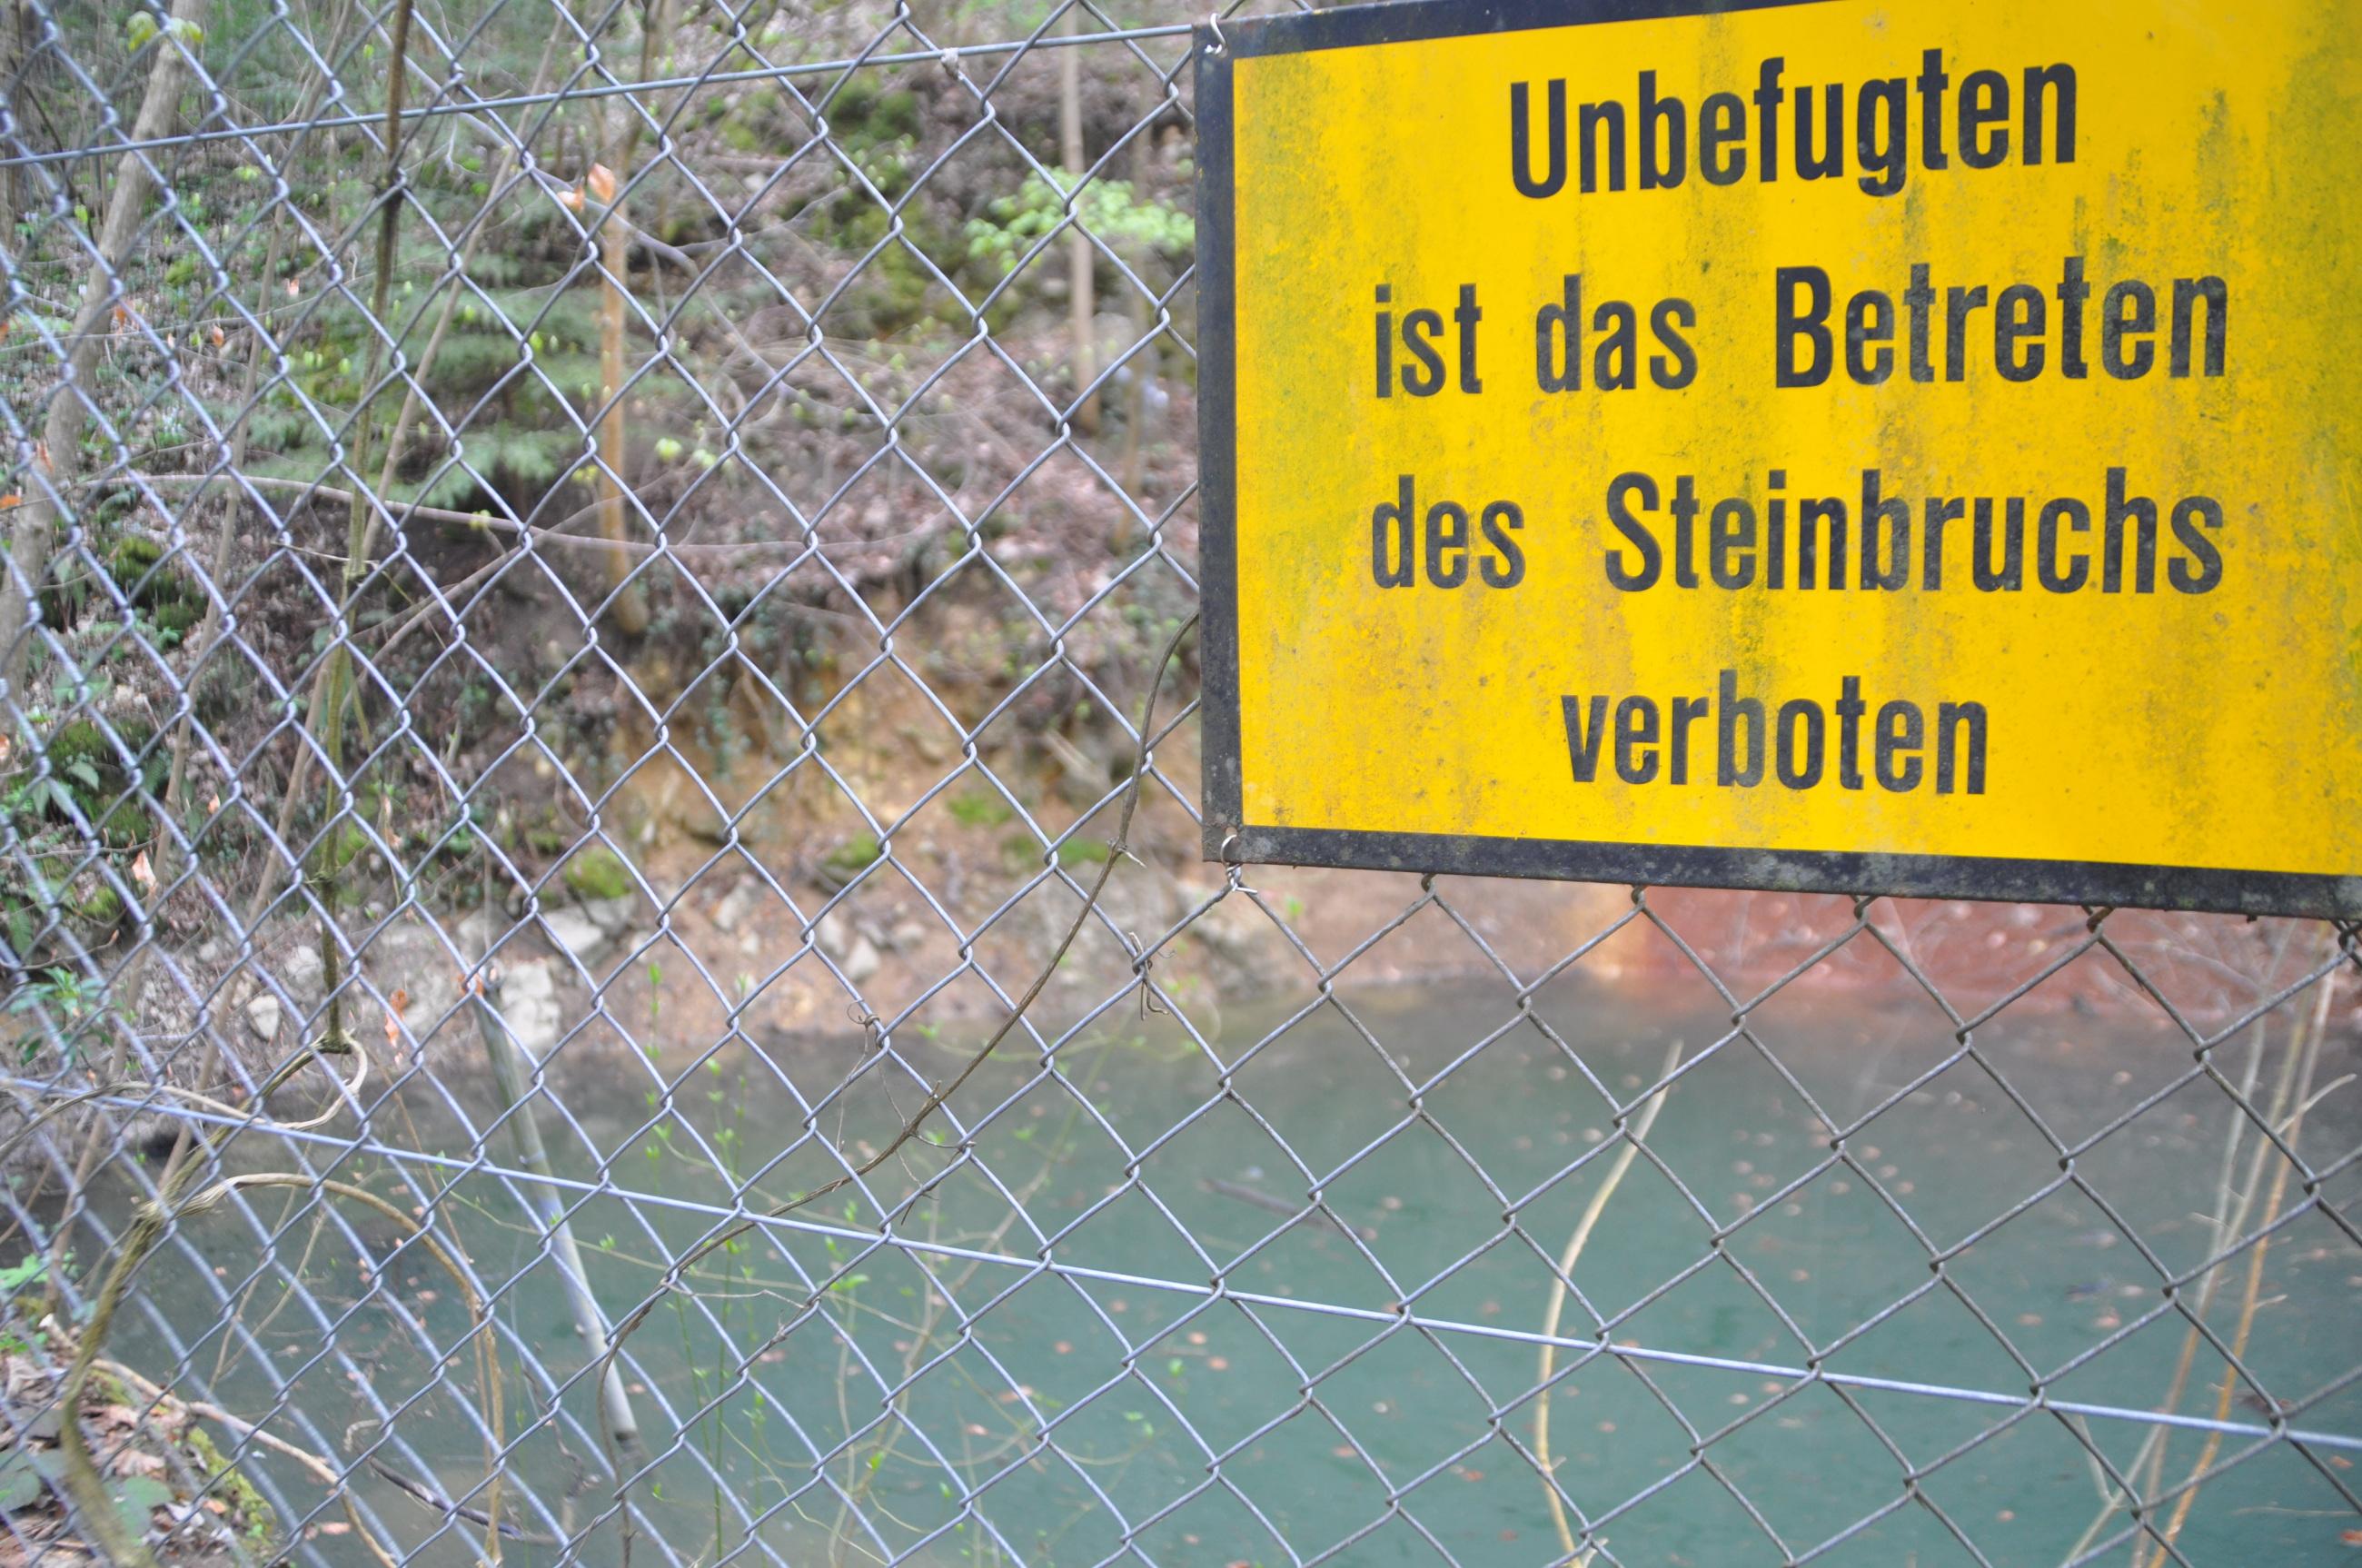 Steinbruch